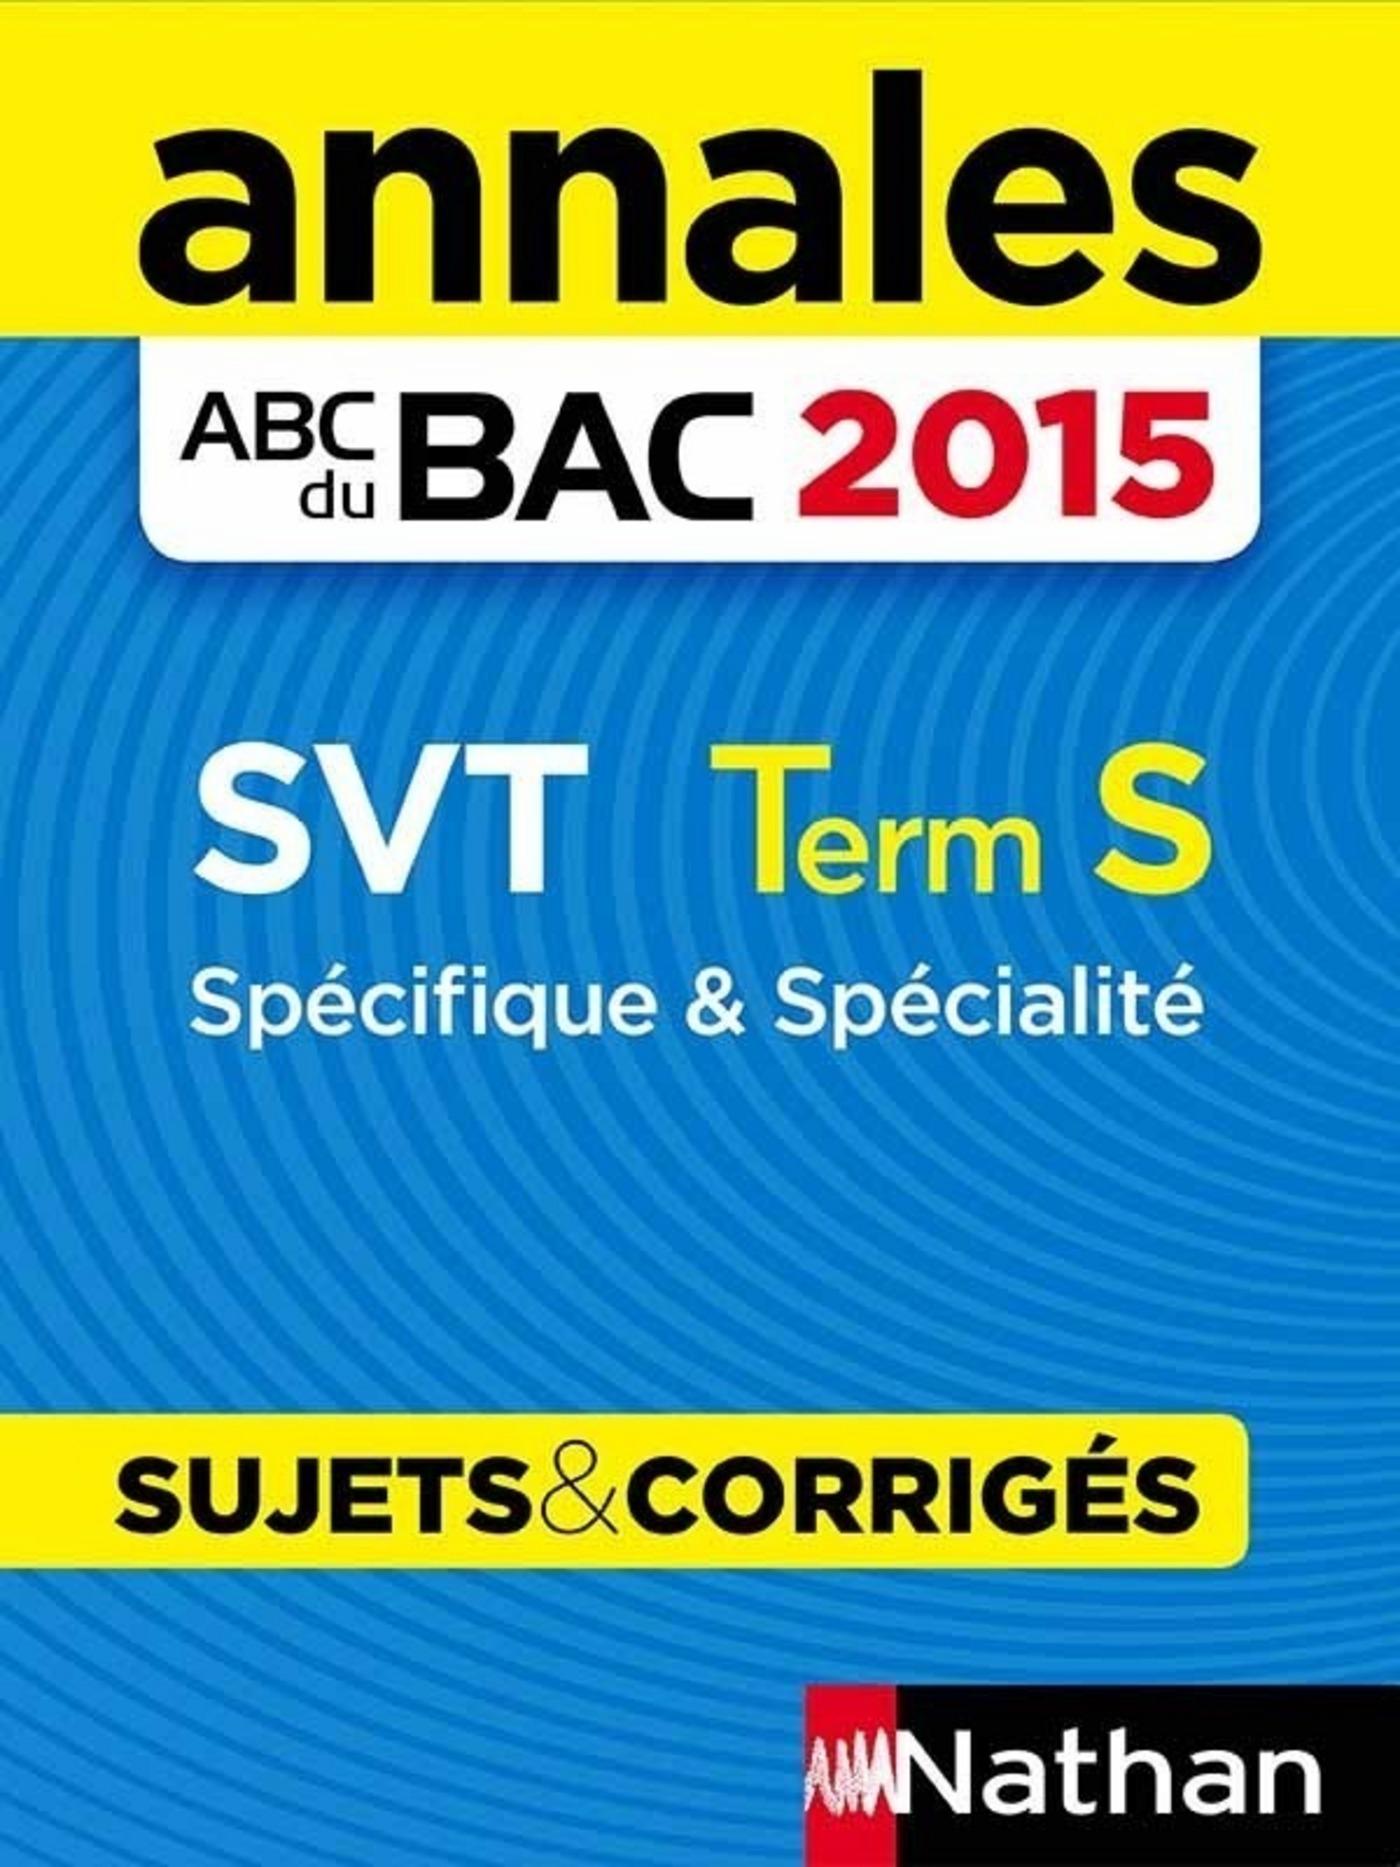 Annales ABC du BAC 2015 SVT Term S Spécifique et spécialité